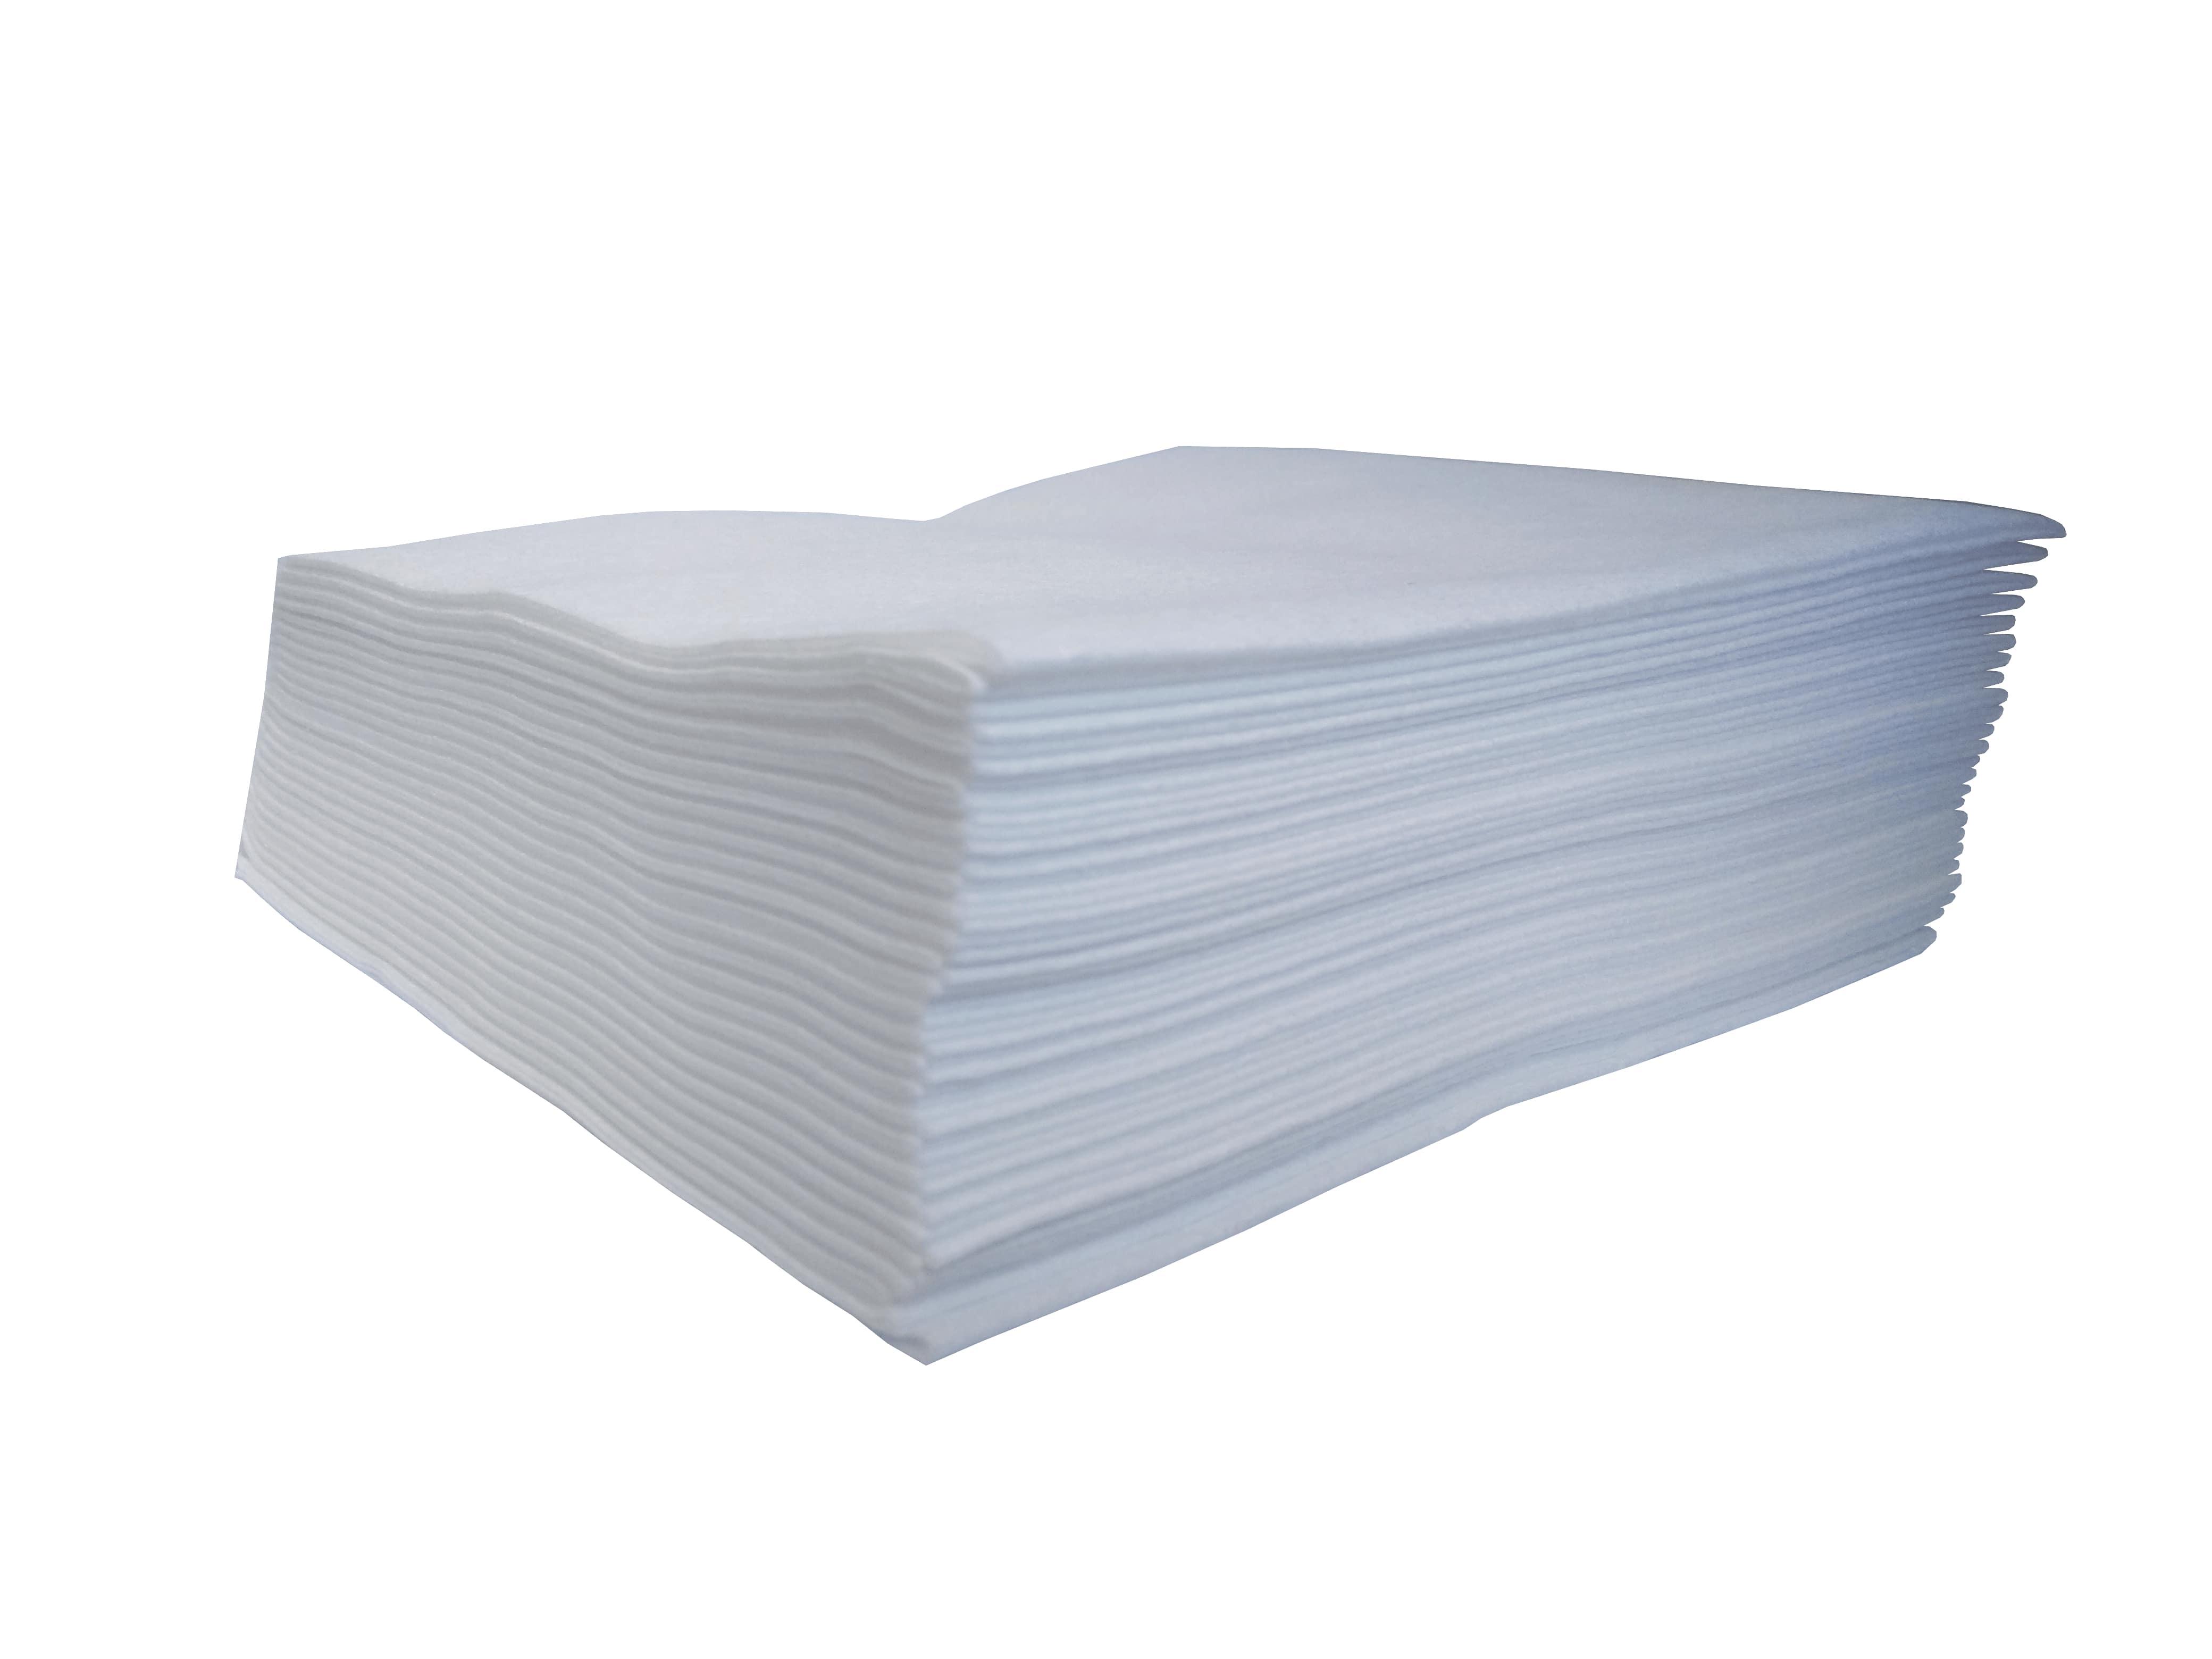 PANNO MORBIDO TNT BIANCO LISCIO - PRETAGLIATO DIM. 30X40 CM - PIEGATO 1/4_ CT 1.000 pz (20 CF da 50 panni)